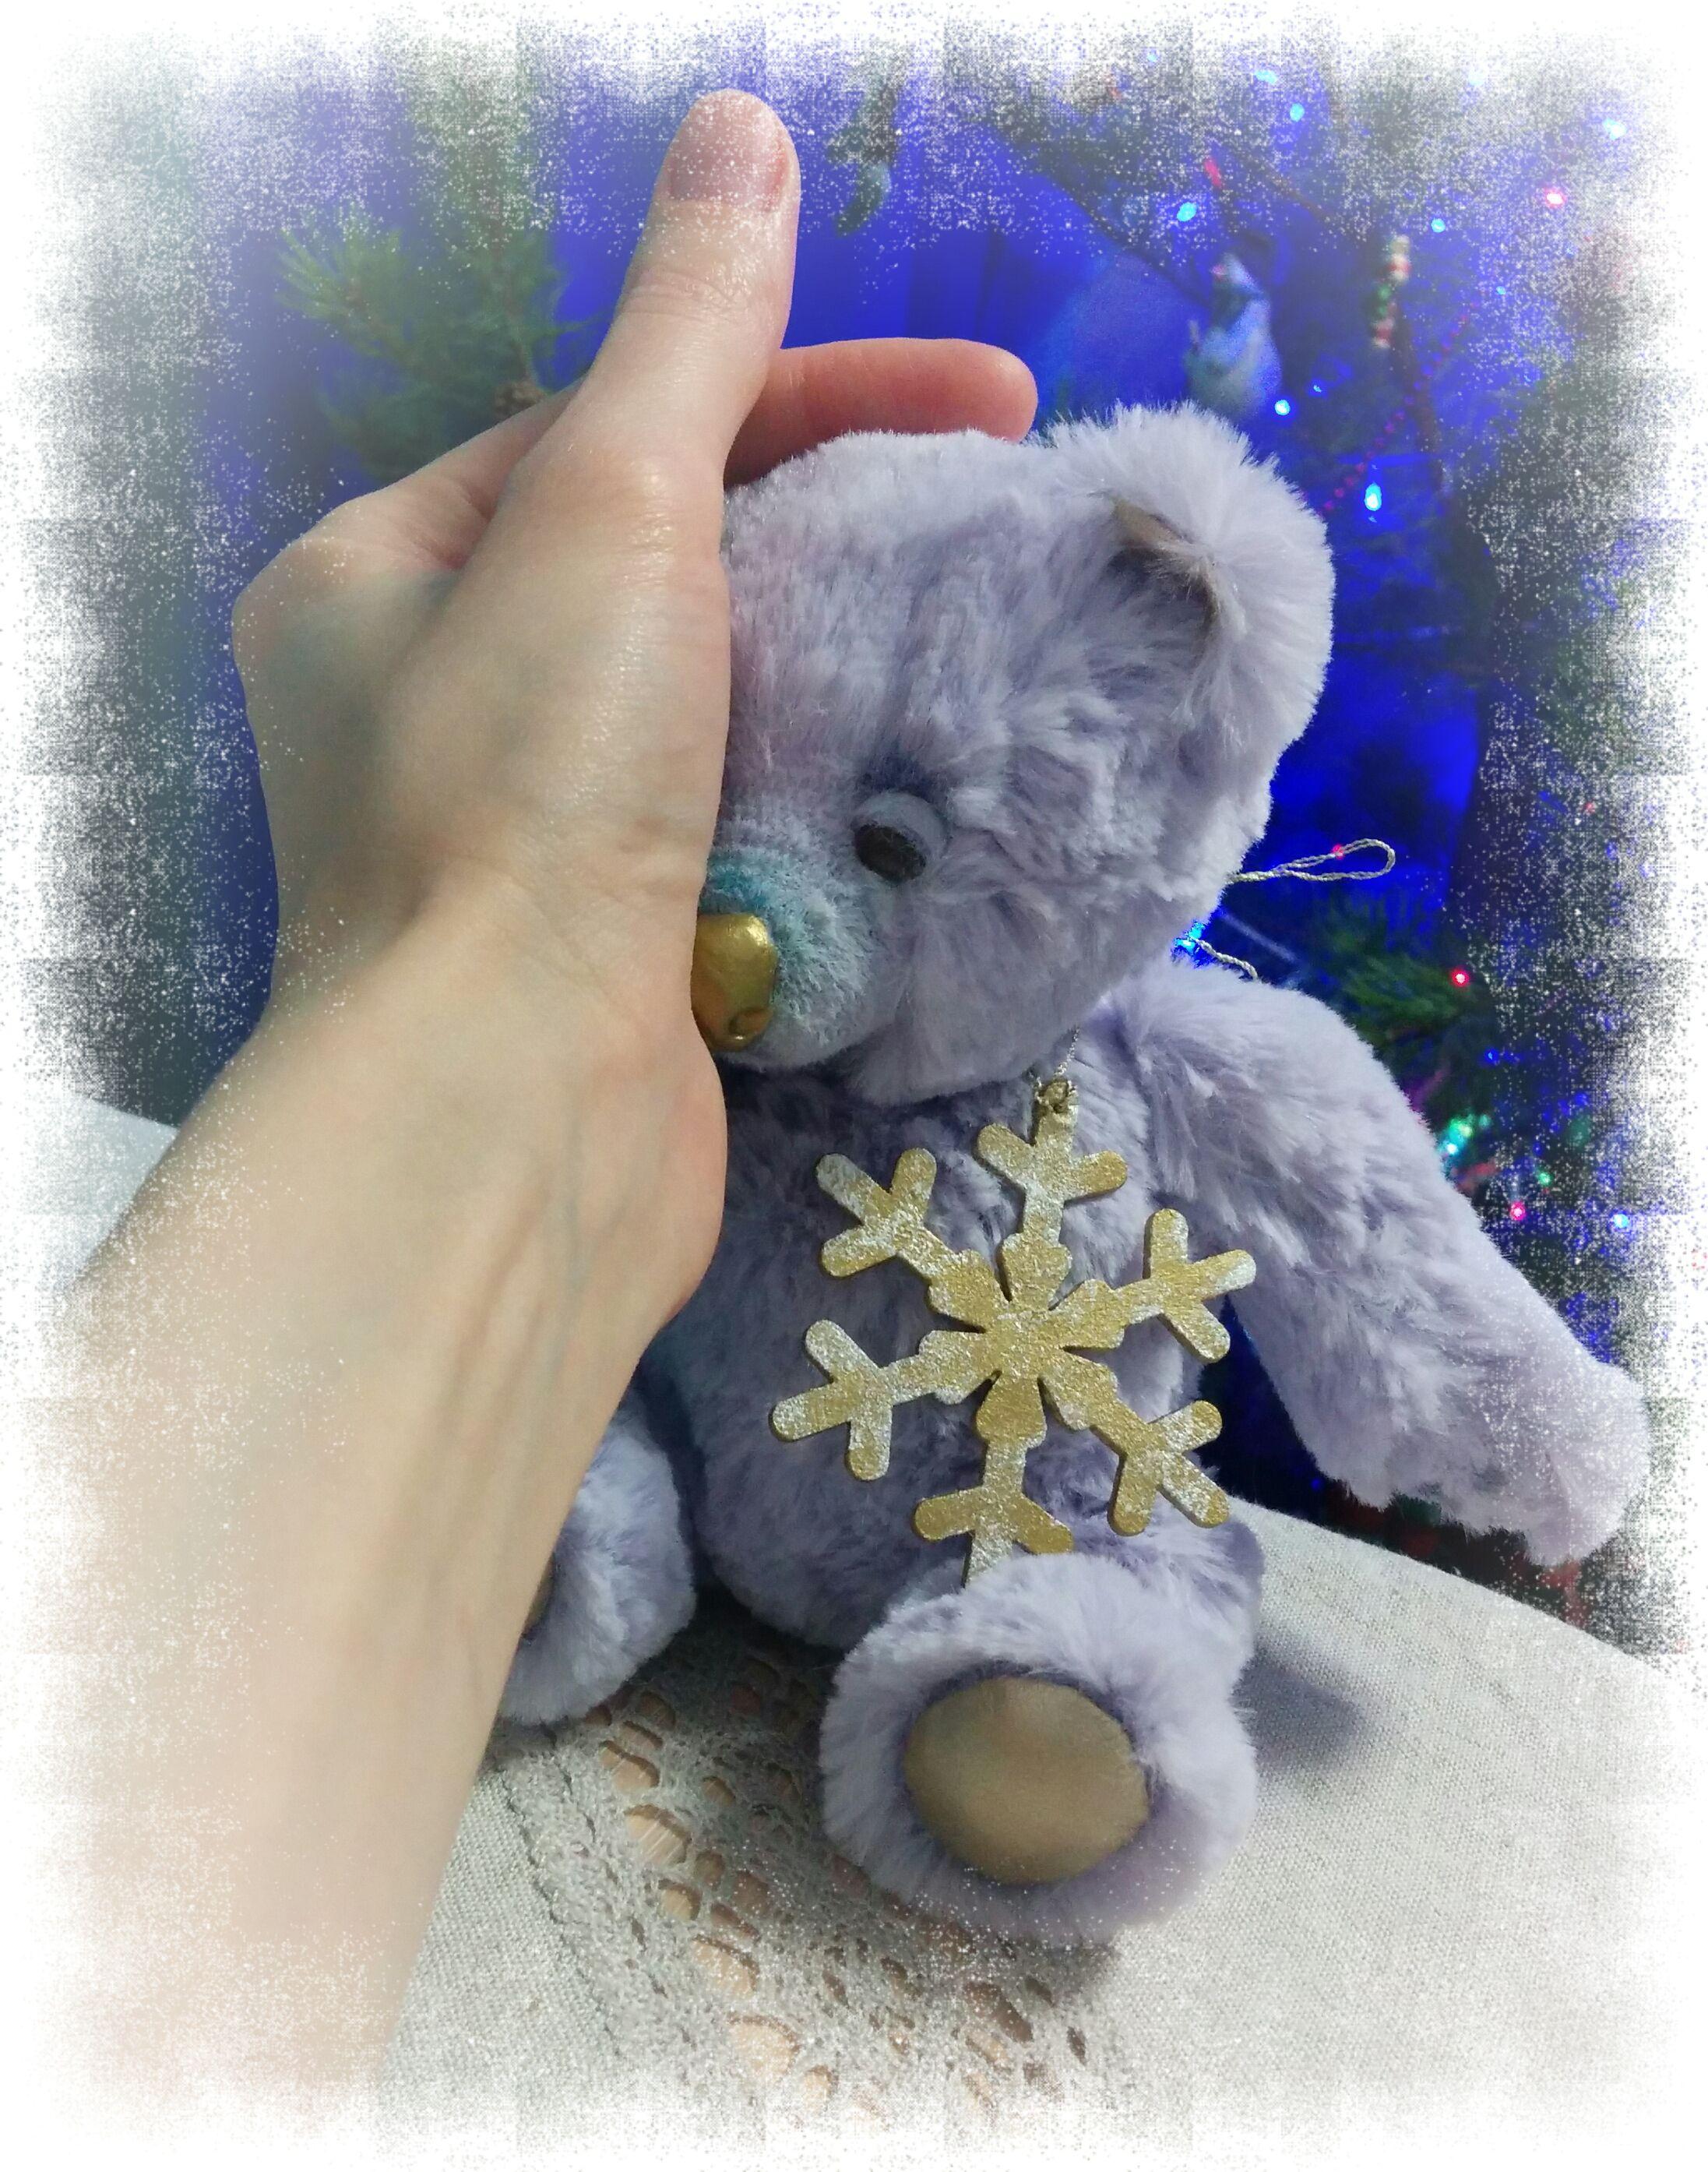 #новогоднийполарок #ручнаяработа #тедди #жксклюзивныйполарок #мишкатедди #куклыюлииволынской